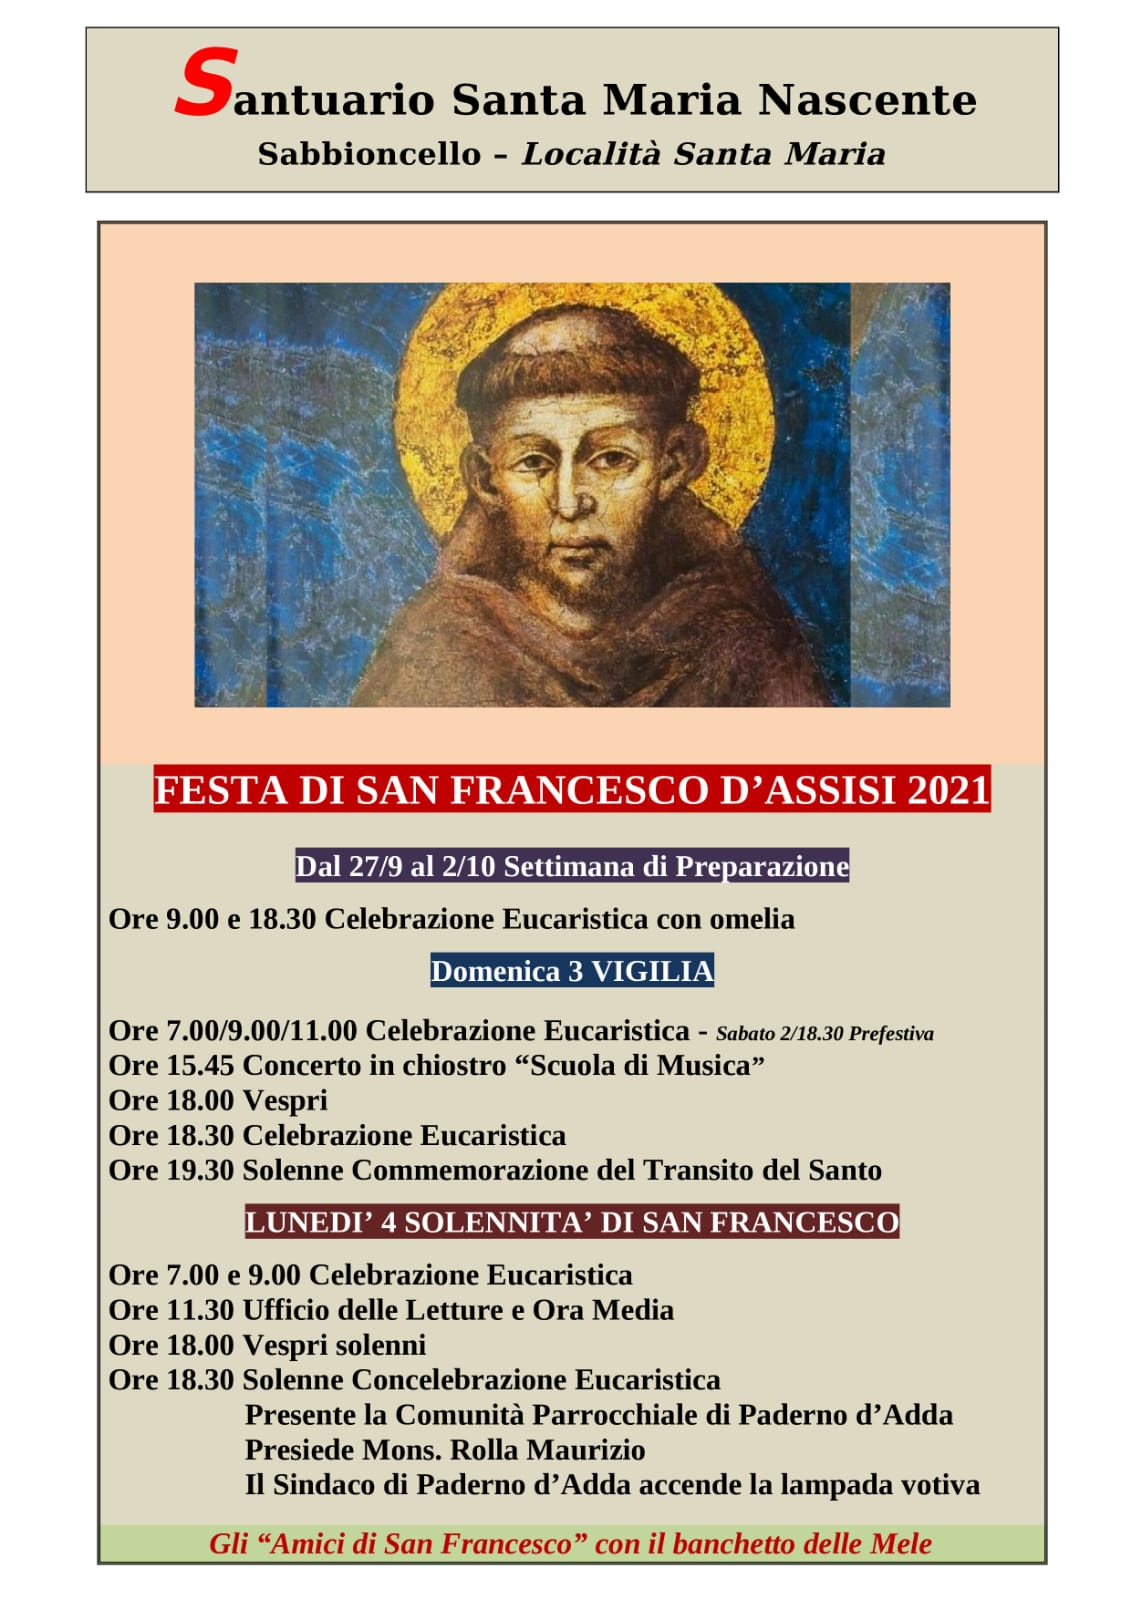 Festa Di San Francesco D'Assisi – Programma. Santuario Francescano Di Sabbioncello